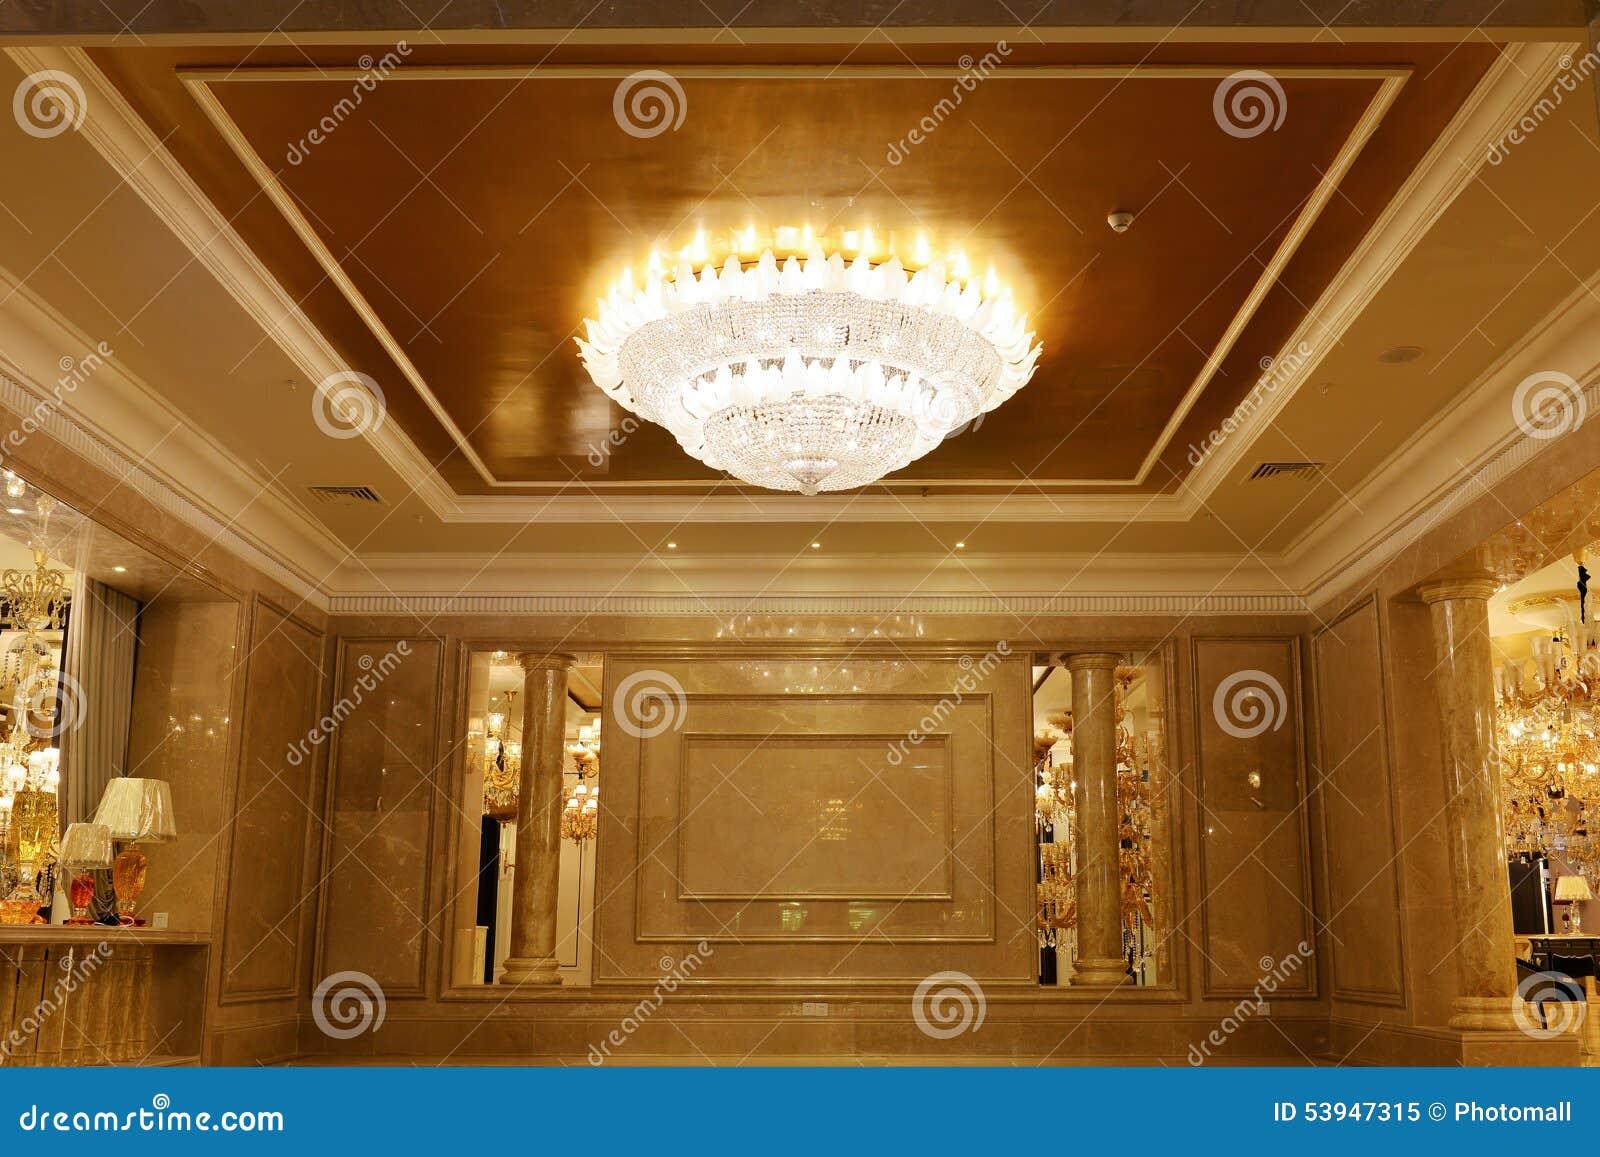 Illuminazione Di Un Corridoio : Illuminazione a cristallo di lusso del candeliere decorata in